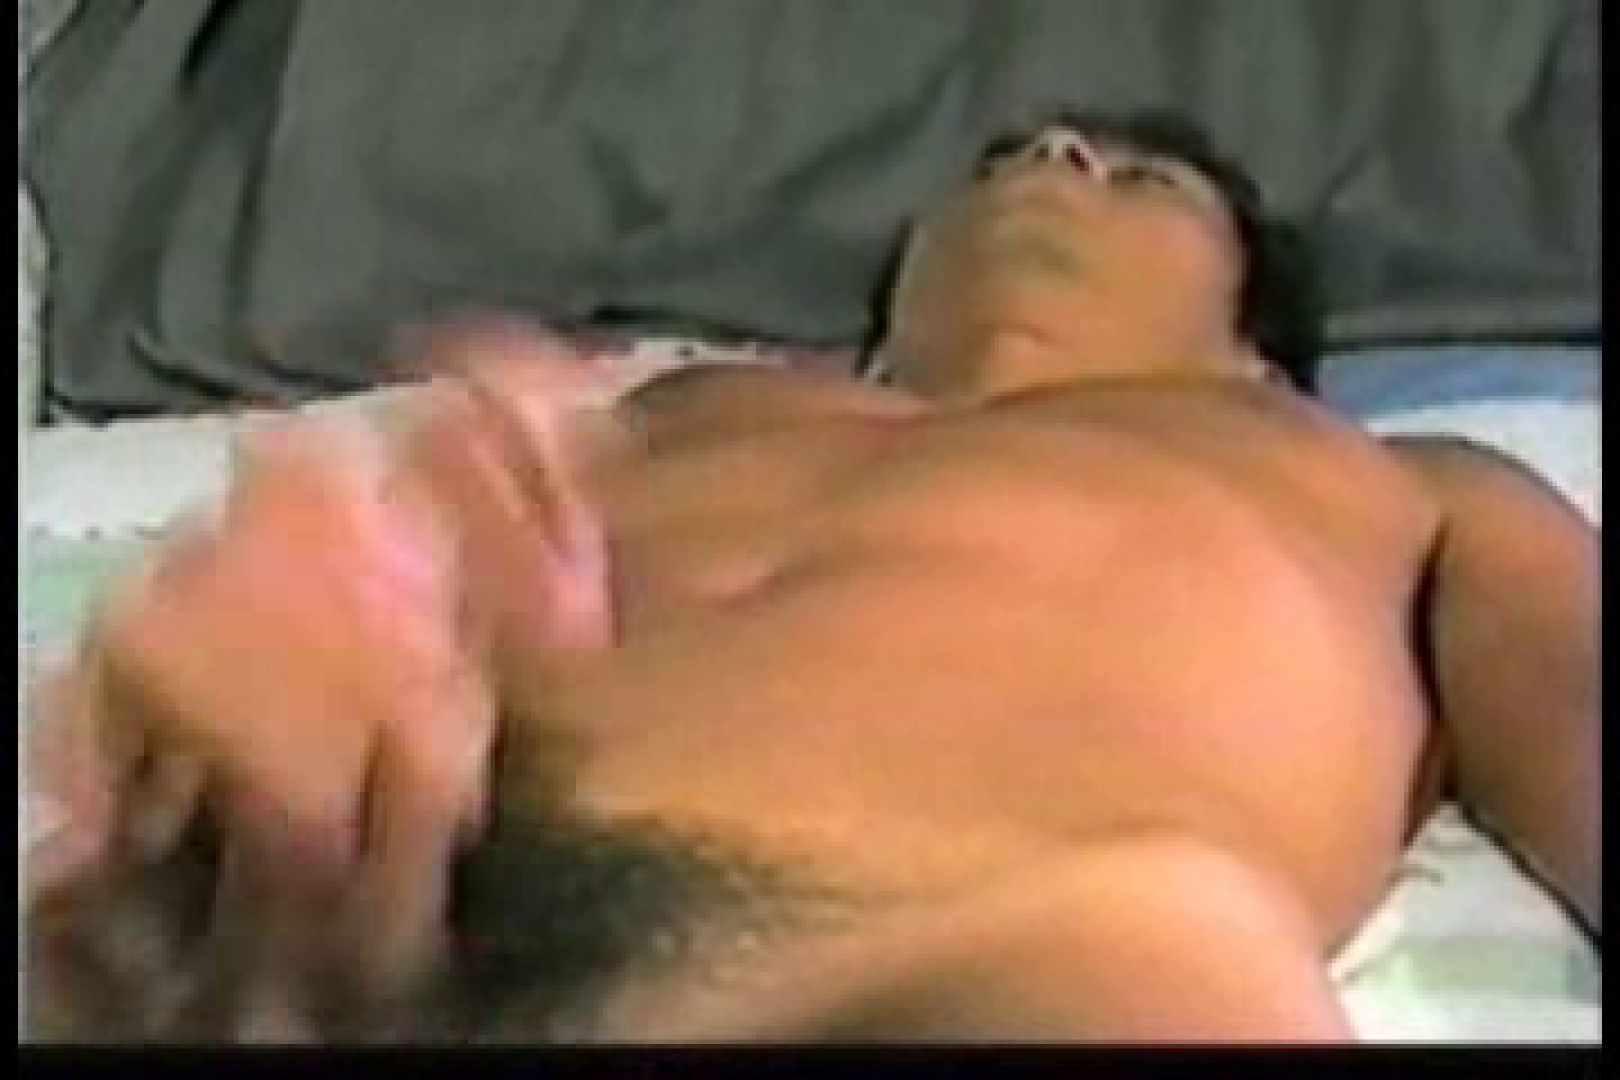 【自己製作販売ビデオ】オナニーフェラ挿入 アナル舐め ゲイヌード画像 49pic 47